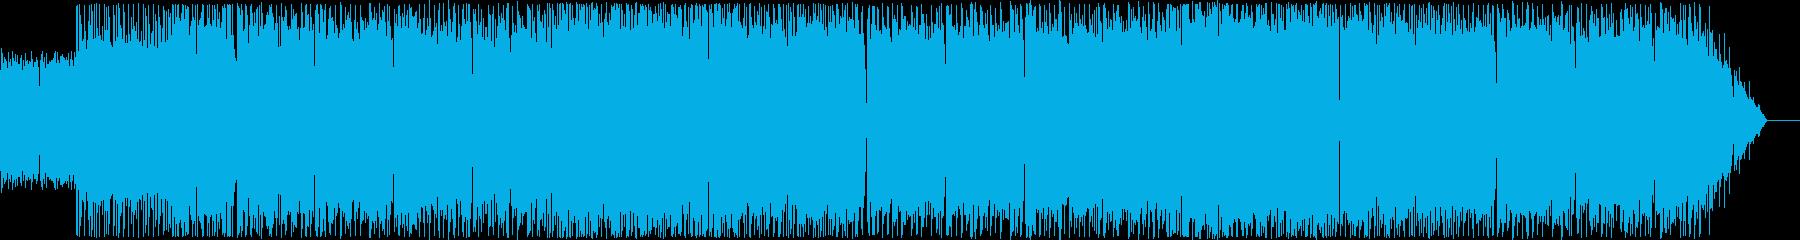 ヘヴィメタルを用いた行進曲モチーフの再生済みの波形